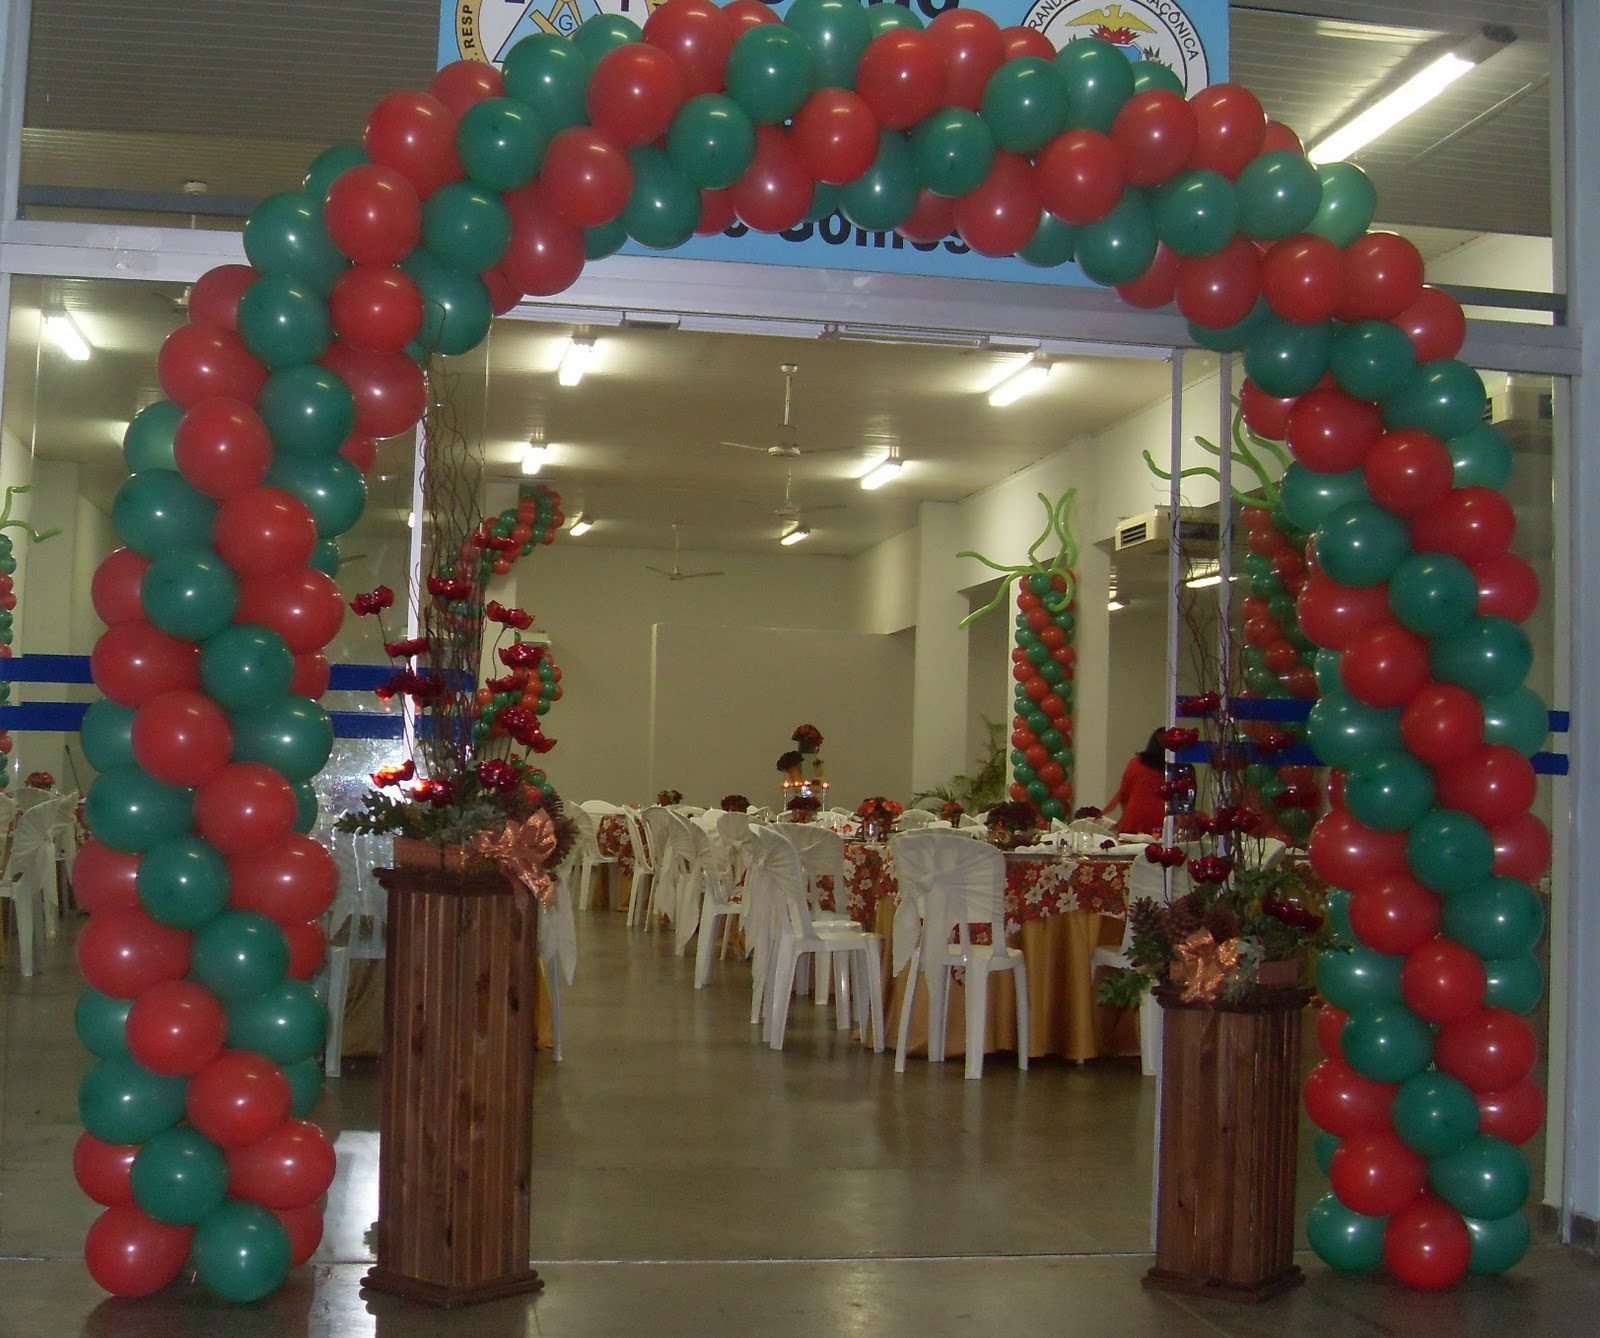 decoracao festa natalina : decoracao festa natalina: arte com o descarte: FLORES DE PET VALORIZAM DECORAÇÃO NATALINA